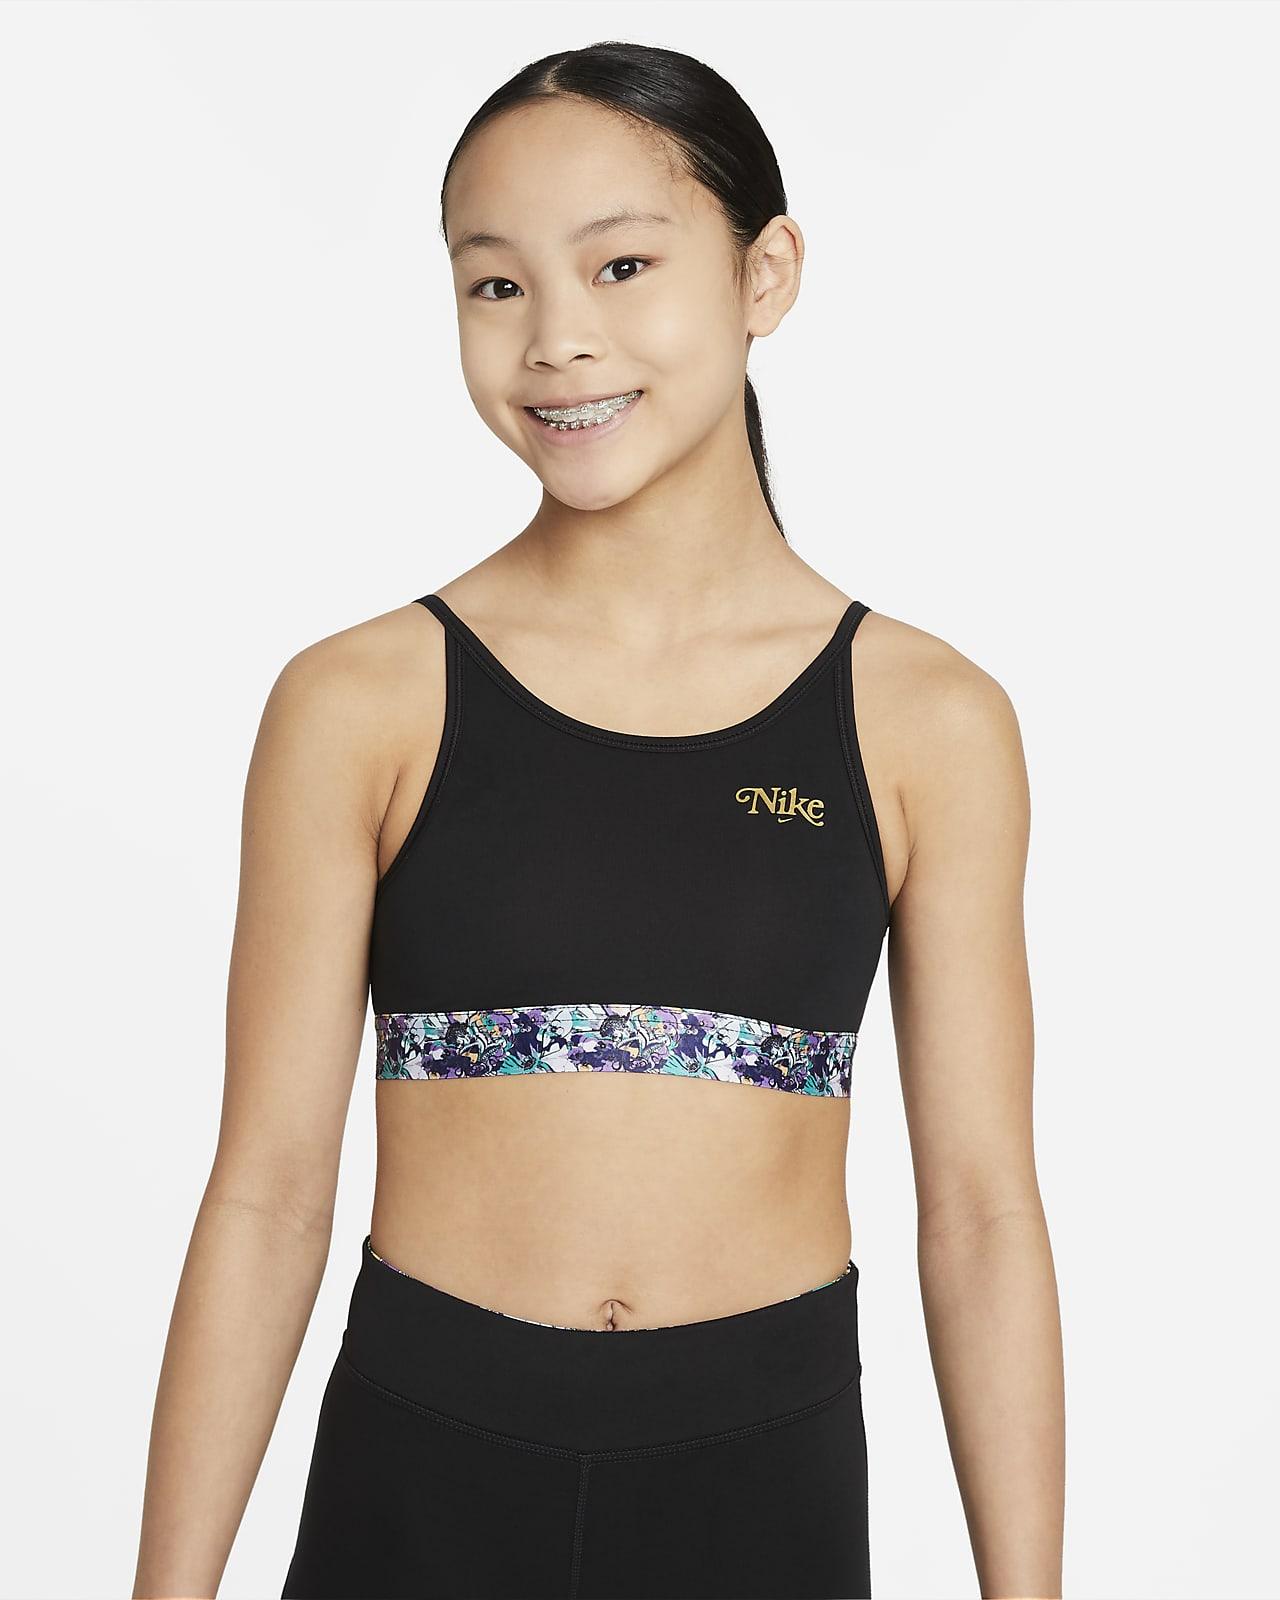 สปอร์ตบราเด็กโต Nike Dri-FIT Trophy (หญิง)